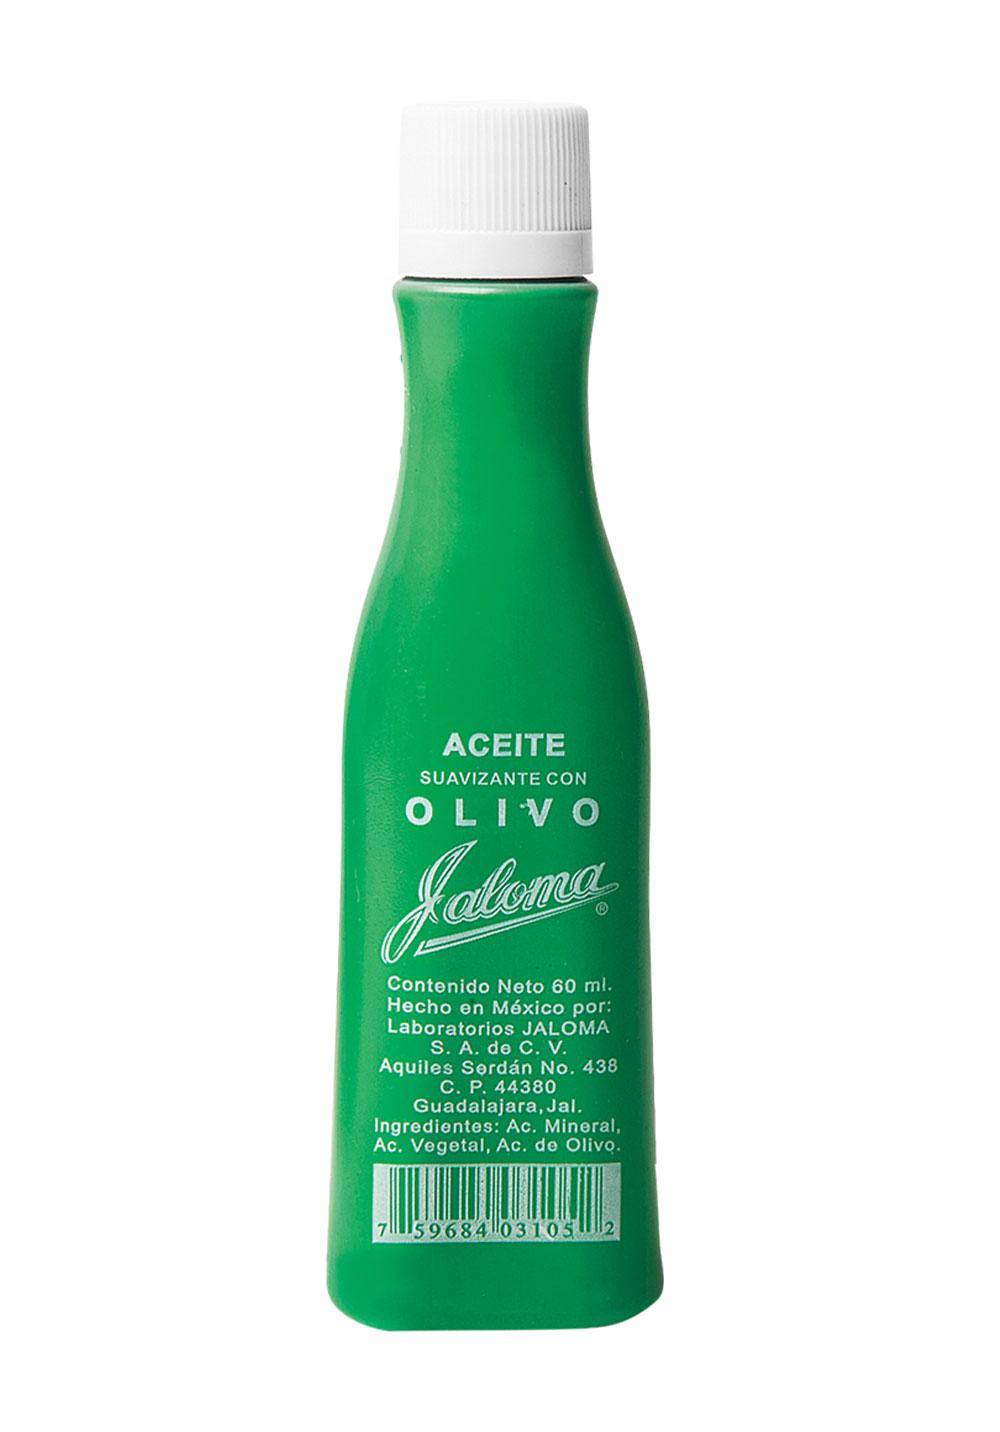 Aceite clásico de Olivo, 60 ml.